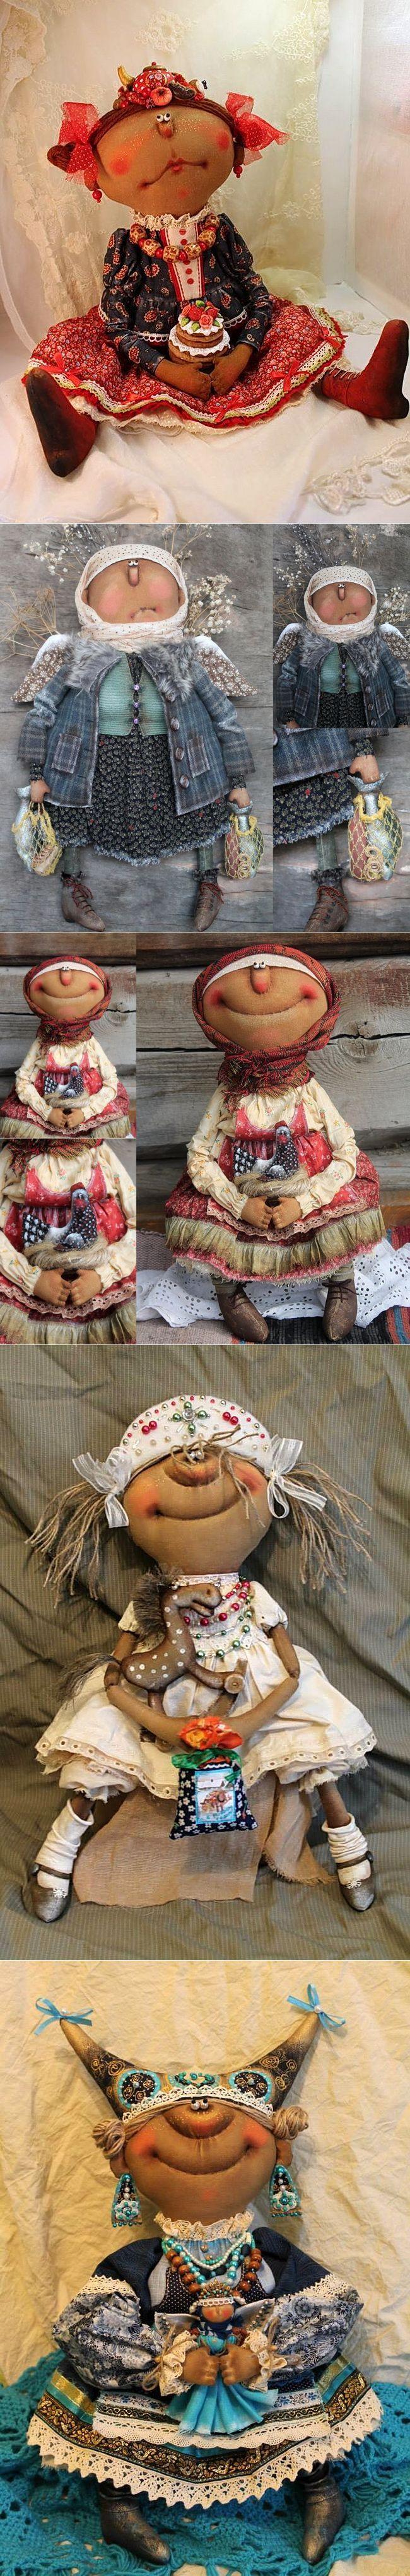 Восторг! Яркое творчество Татьяны Козыревой: авторская кукла | куклы | Постила